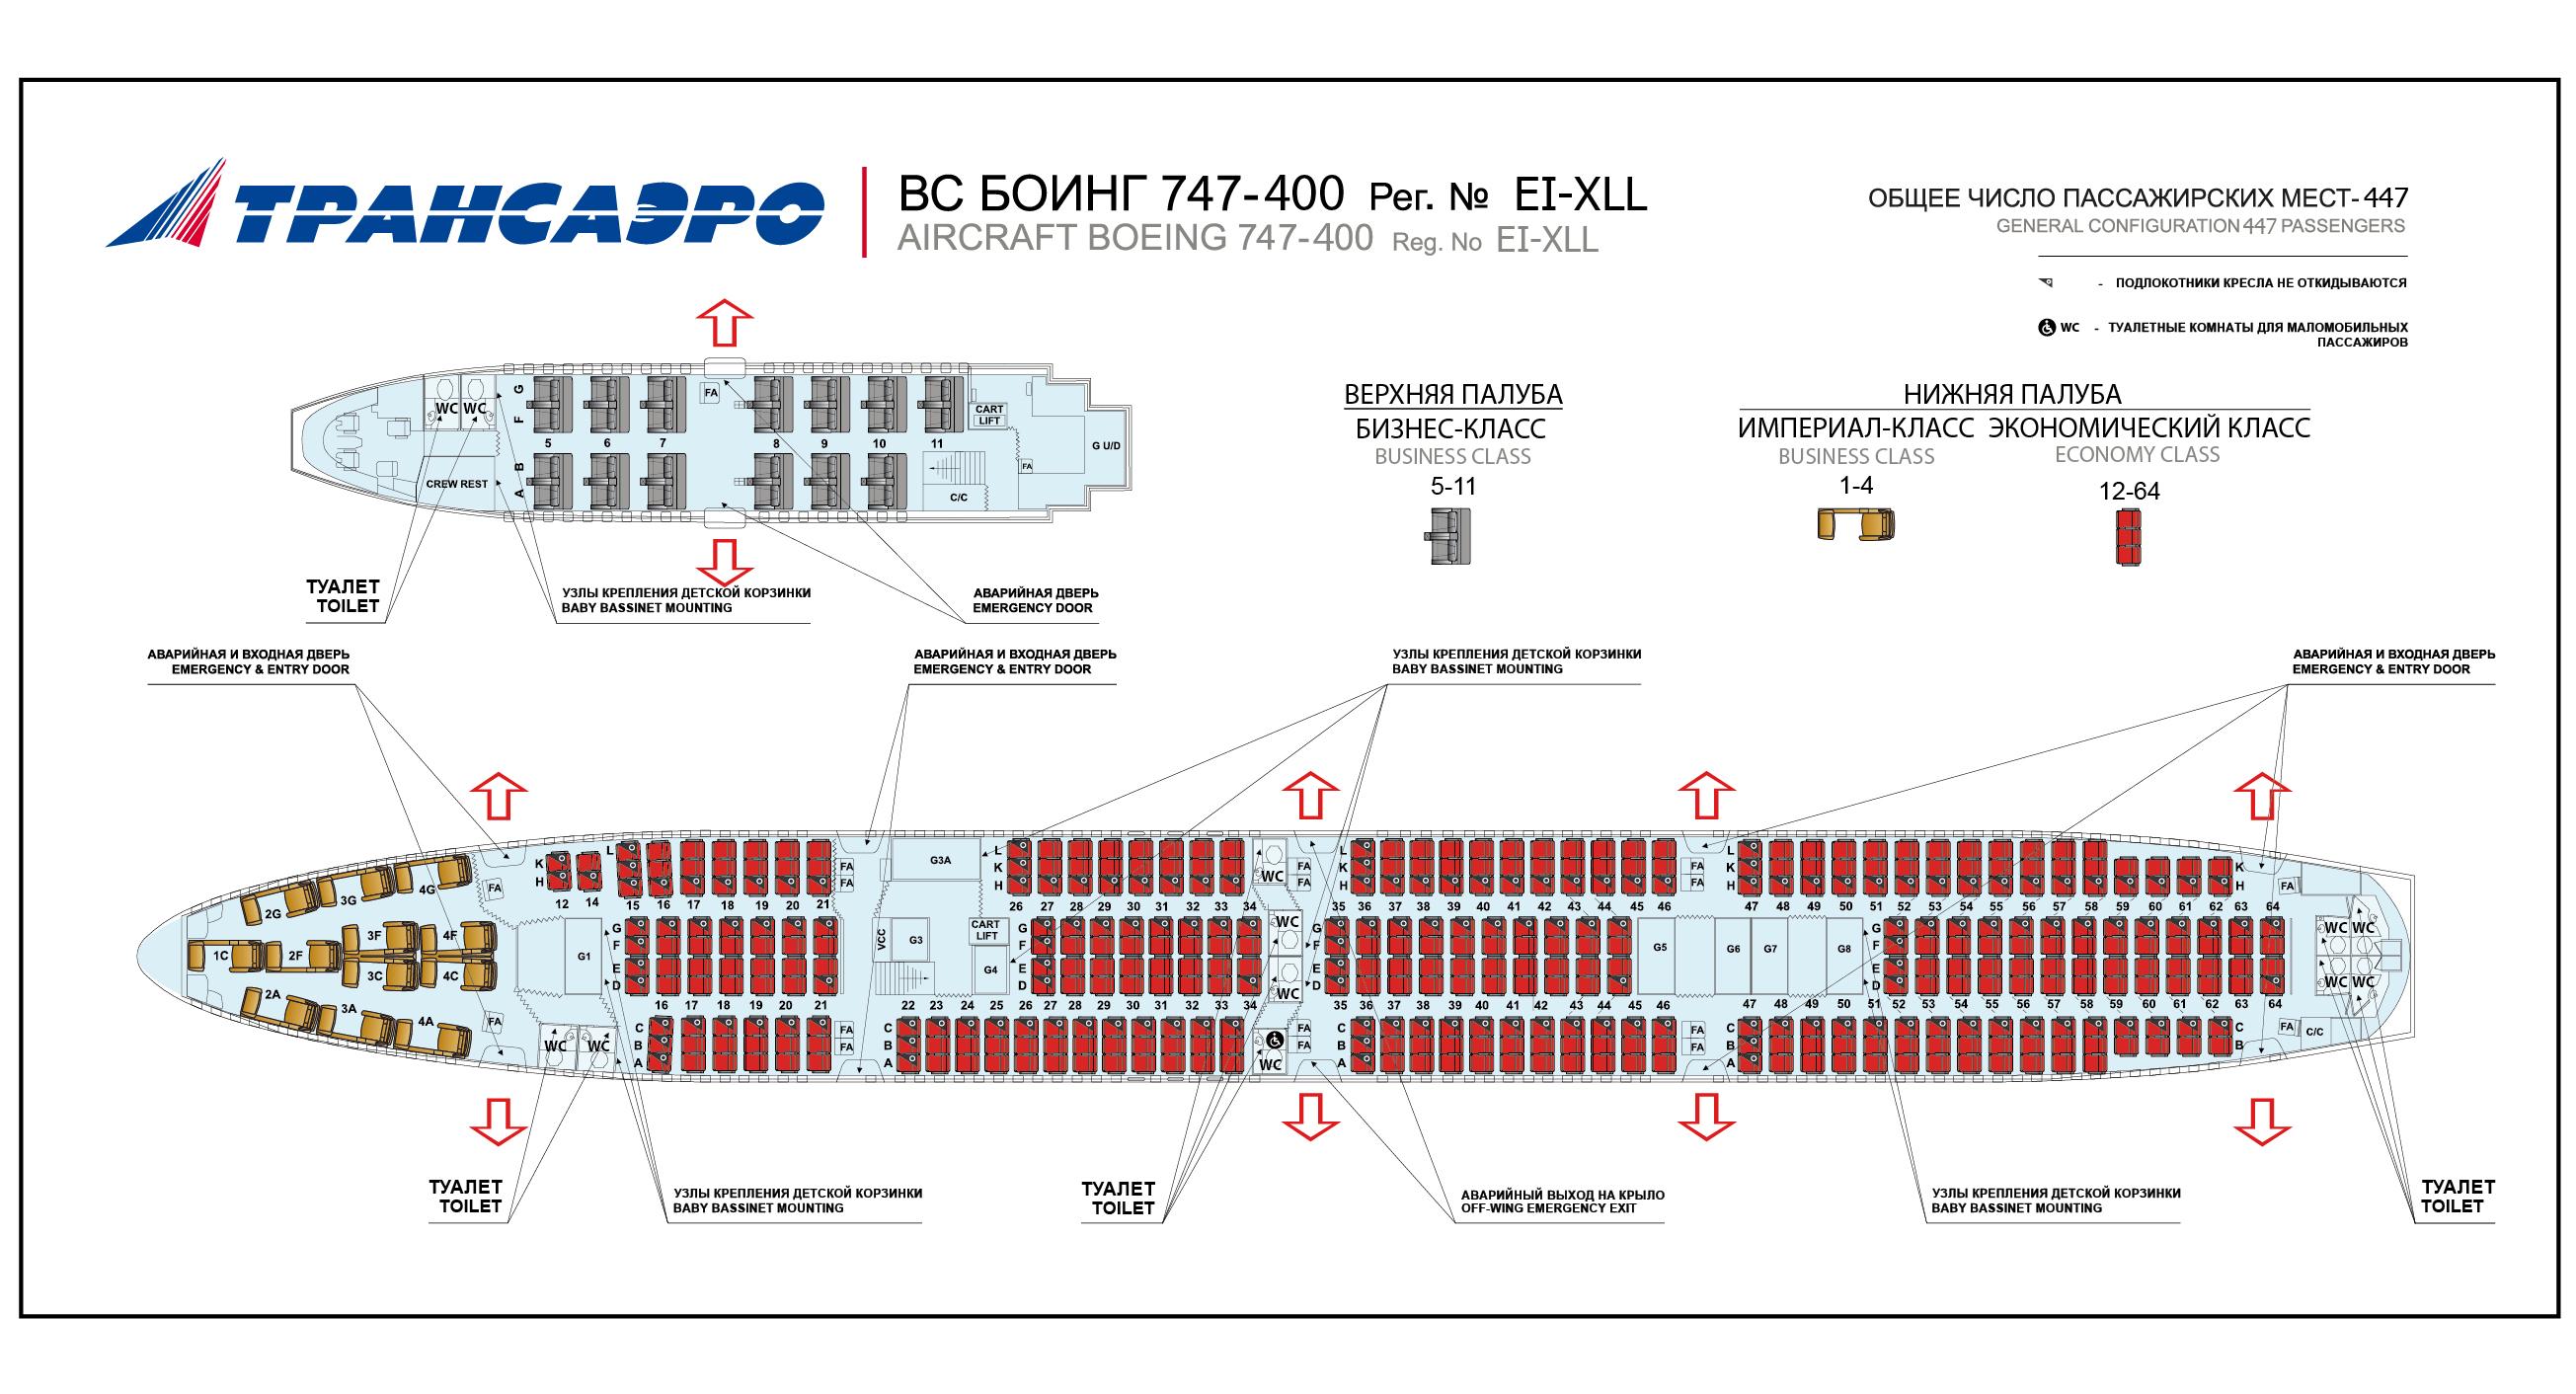 boeing 737 схема мест